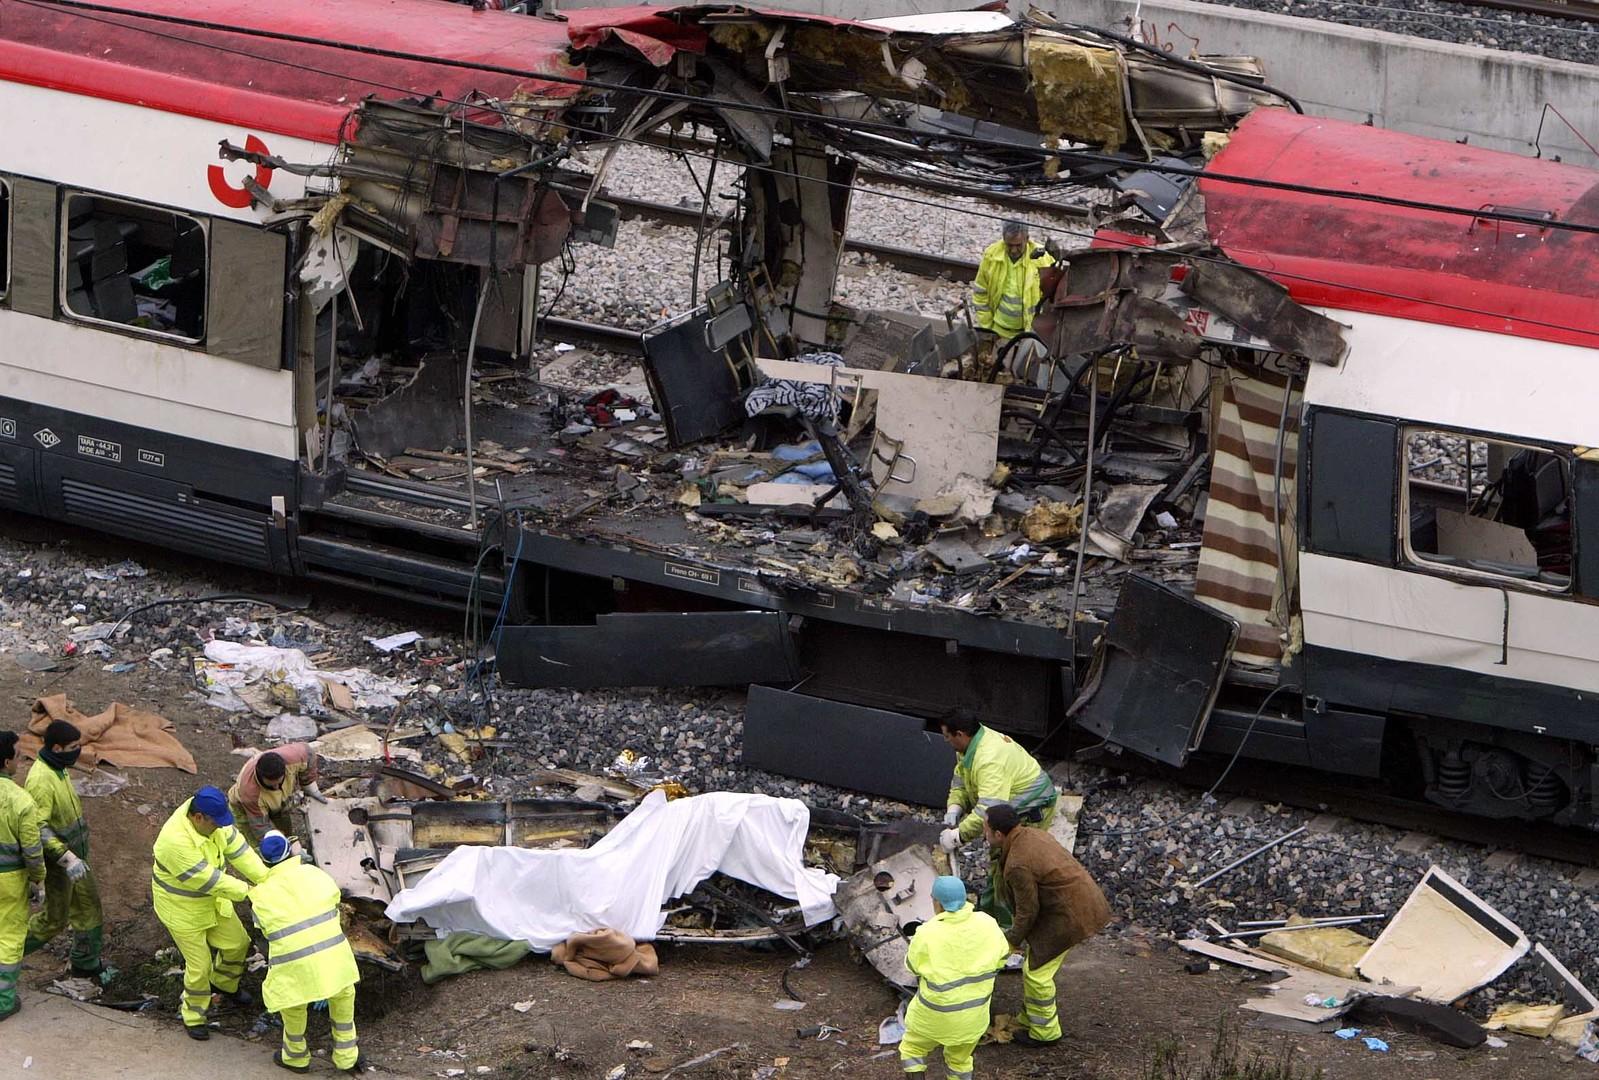 Retour sur les cinq attentats les plus graves qui ont frappé des sites de vacances (PHOTOS)